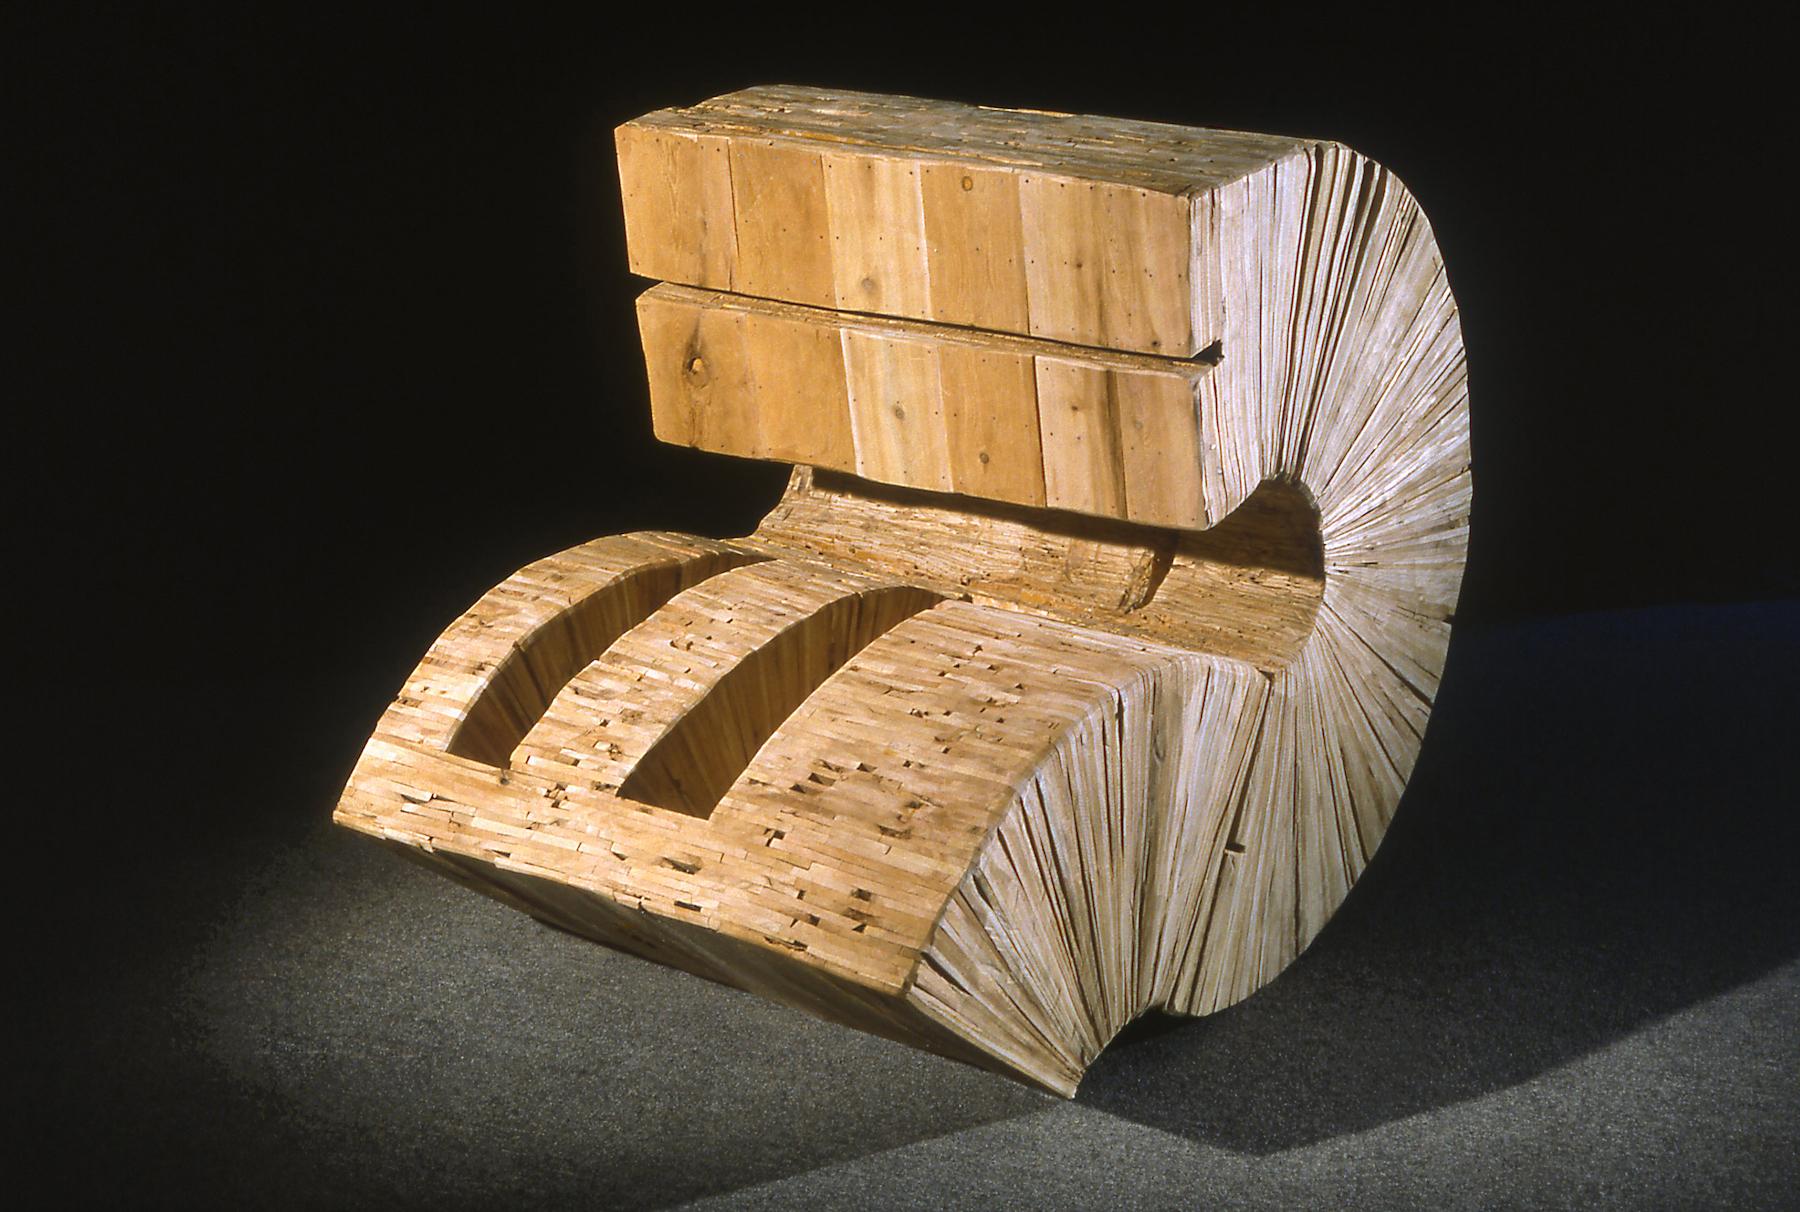 Leslie Zelamsky, Reintegration, wood, 38x48x38, $4,800